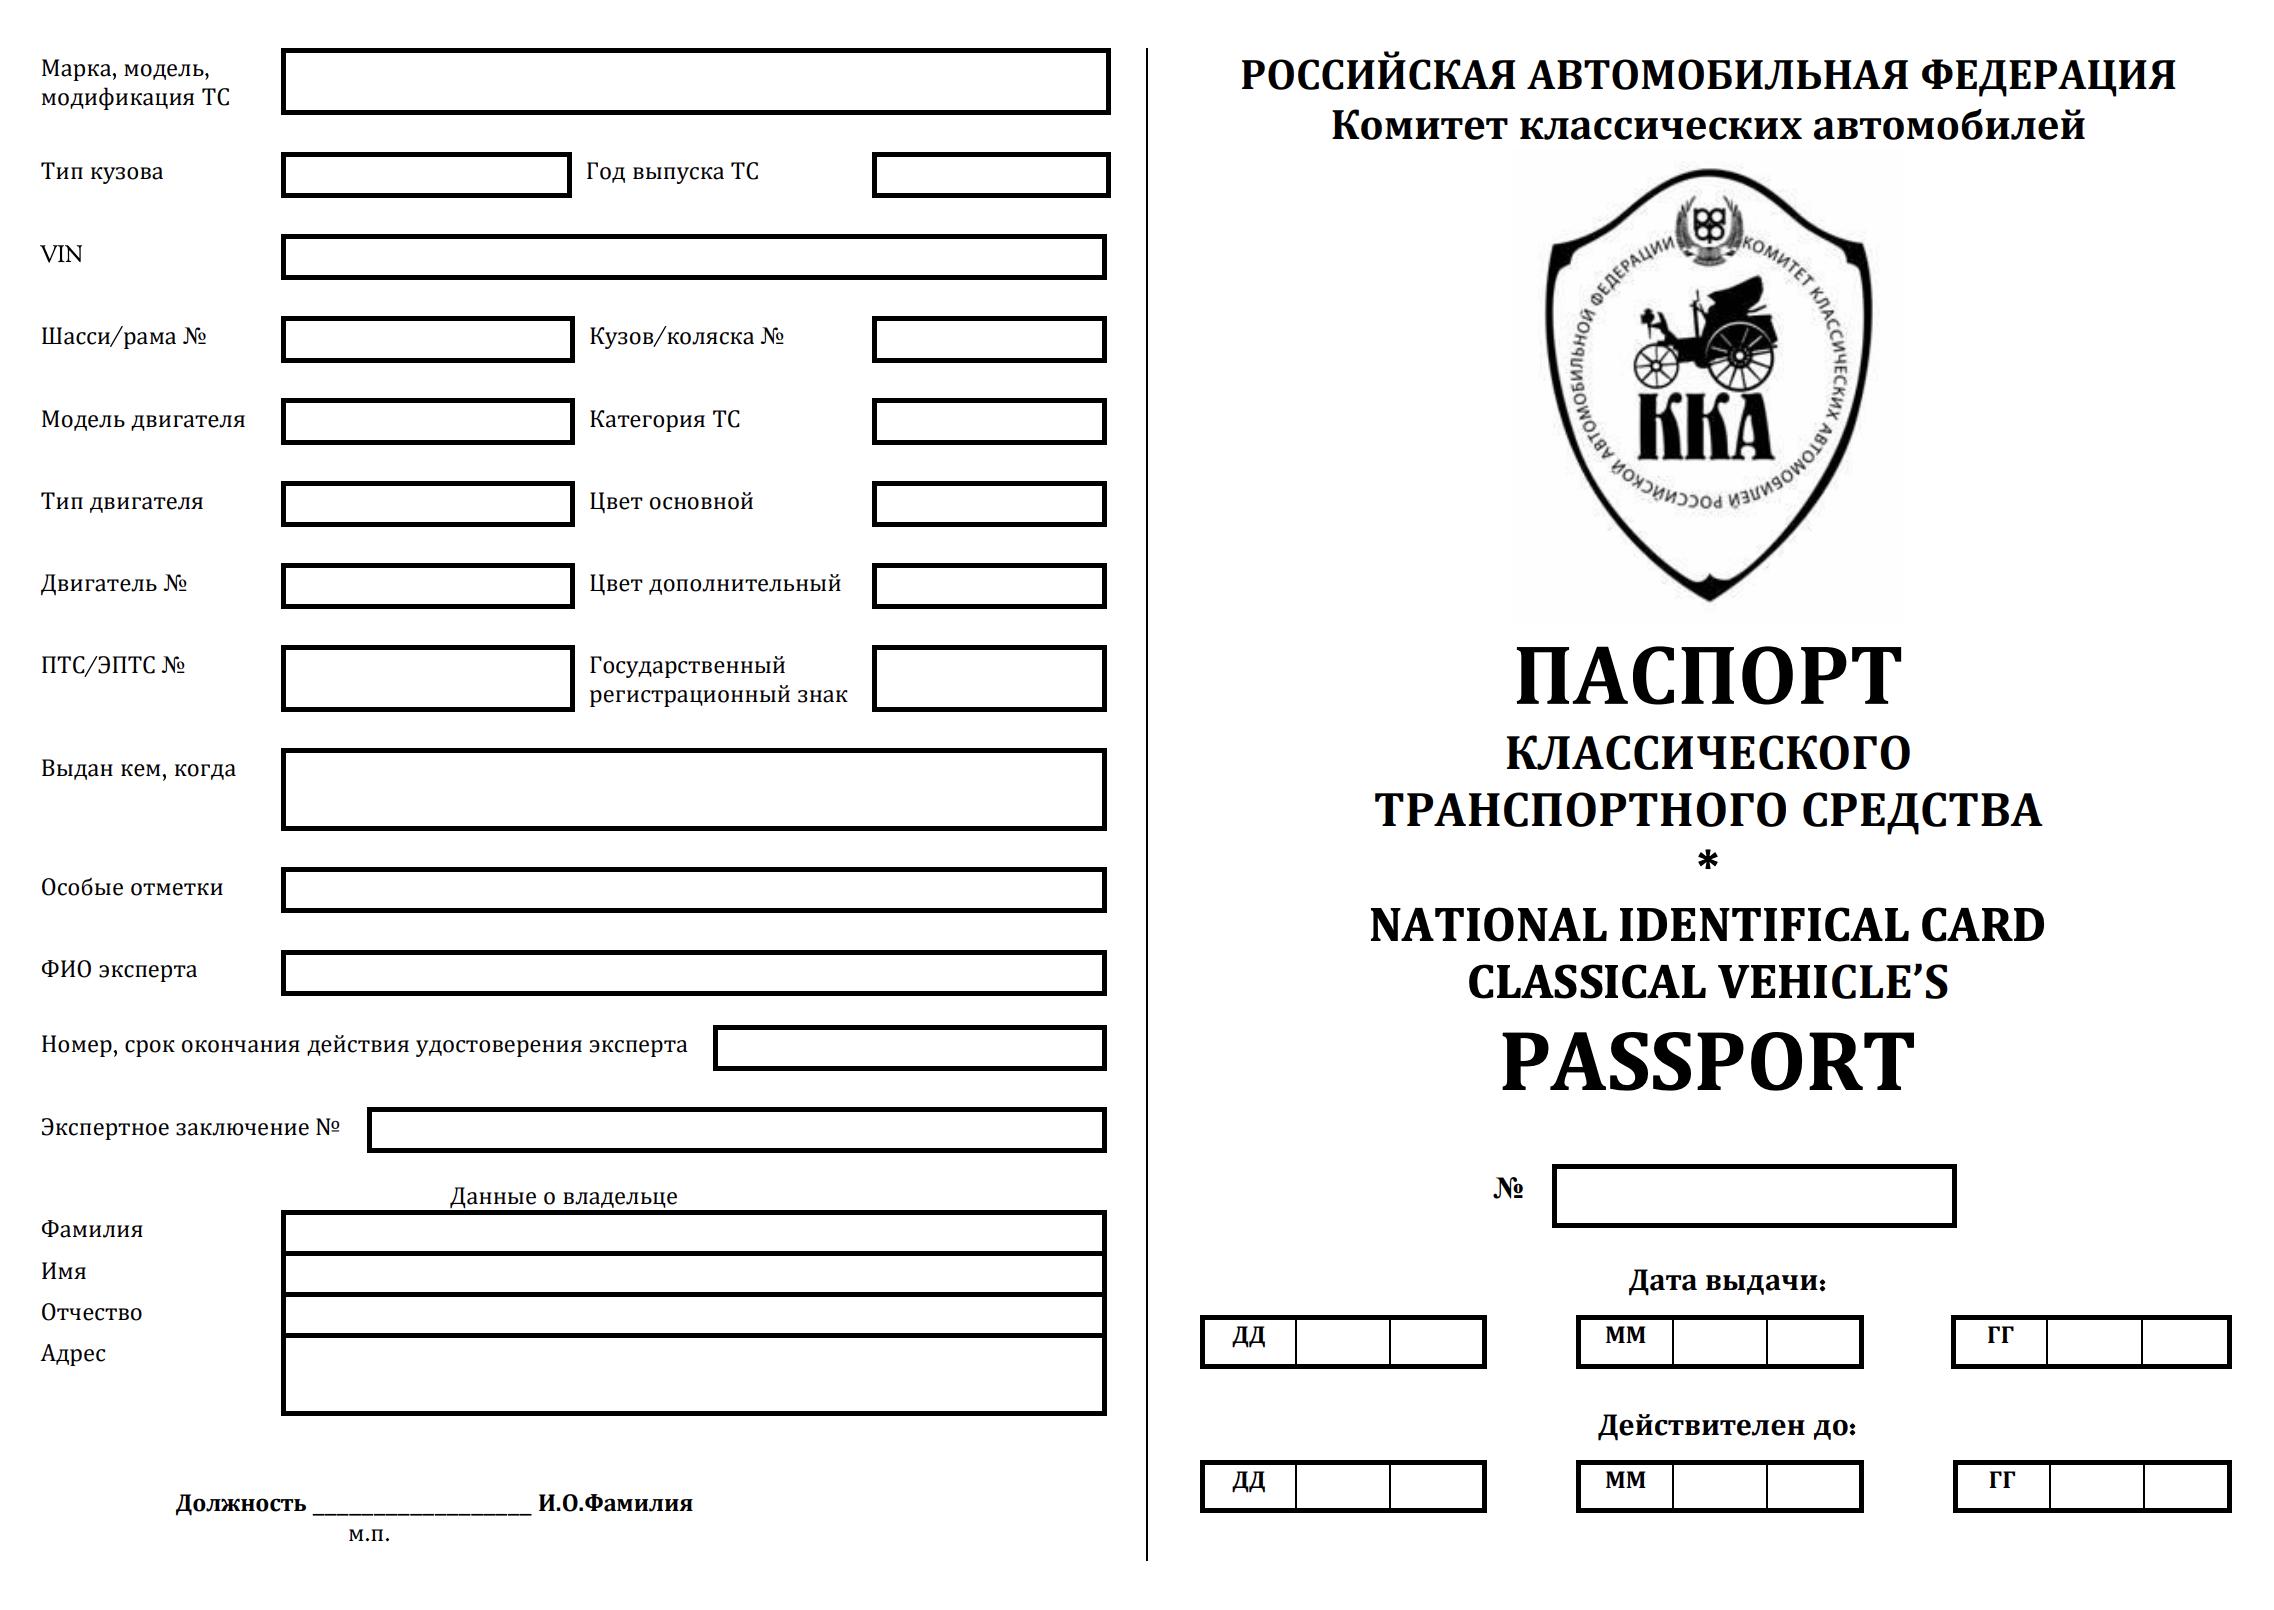 Бланк паспорта классического транспортного средства